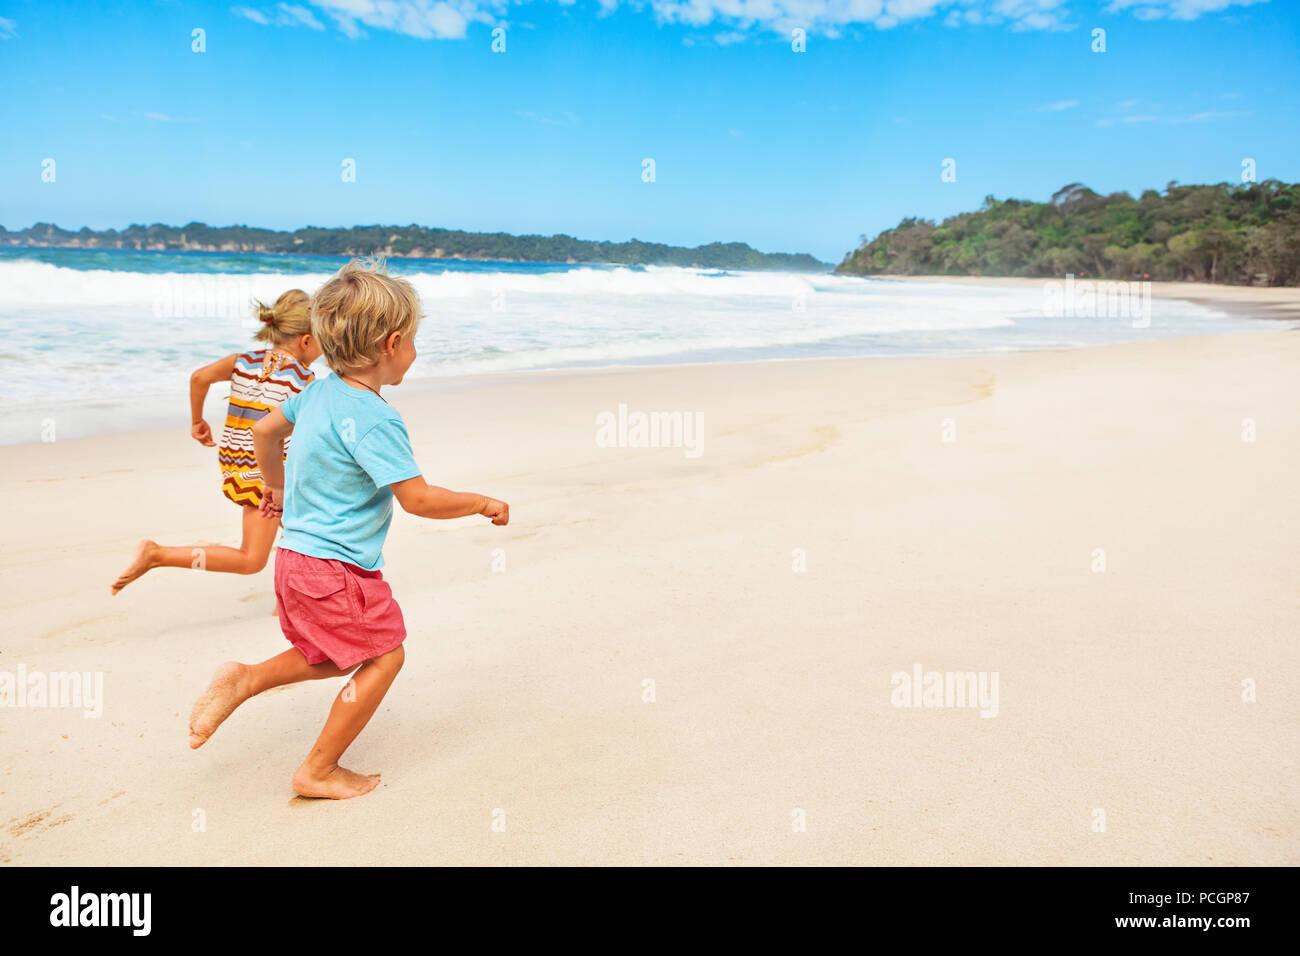 Heureux les enfants aux pieds nus s'amuser sur la plage à pied. Courir et sauter par la mer de sable blanc le long de la surf. Voyages en famille mode de vie, activités sportives en plein air et de jeux. Photo Stock